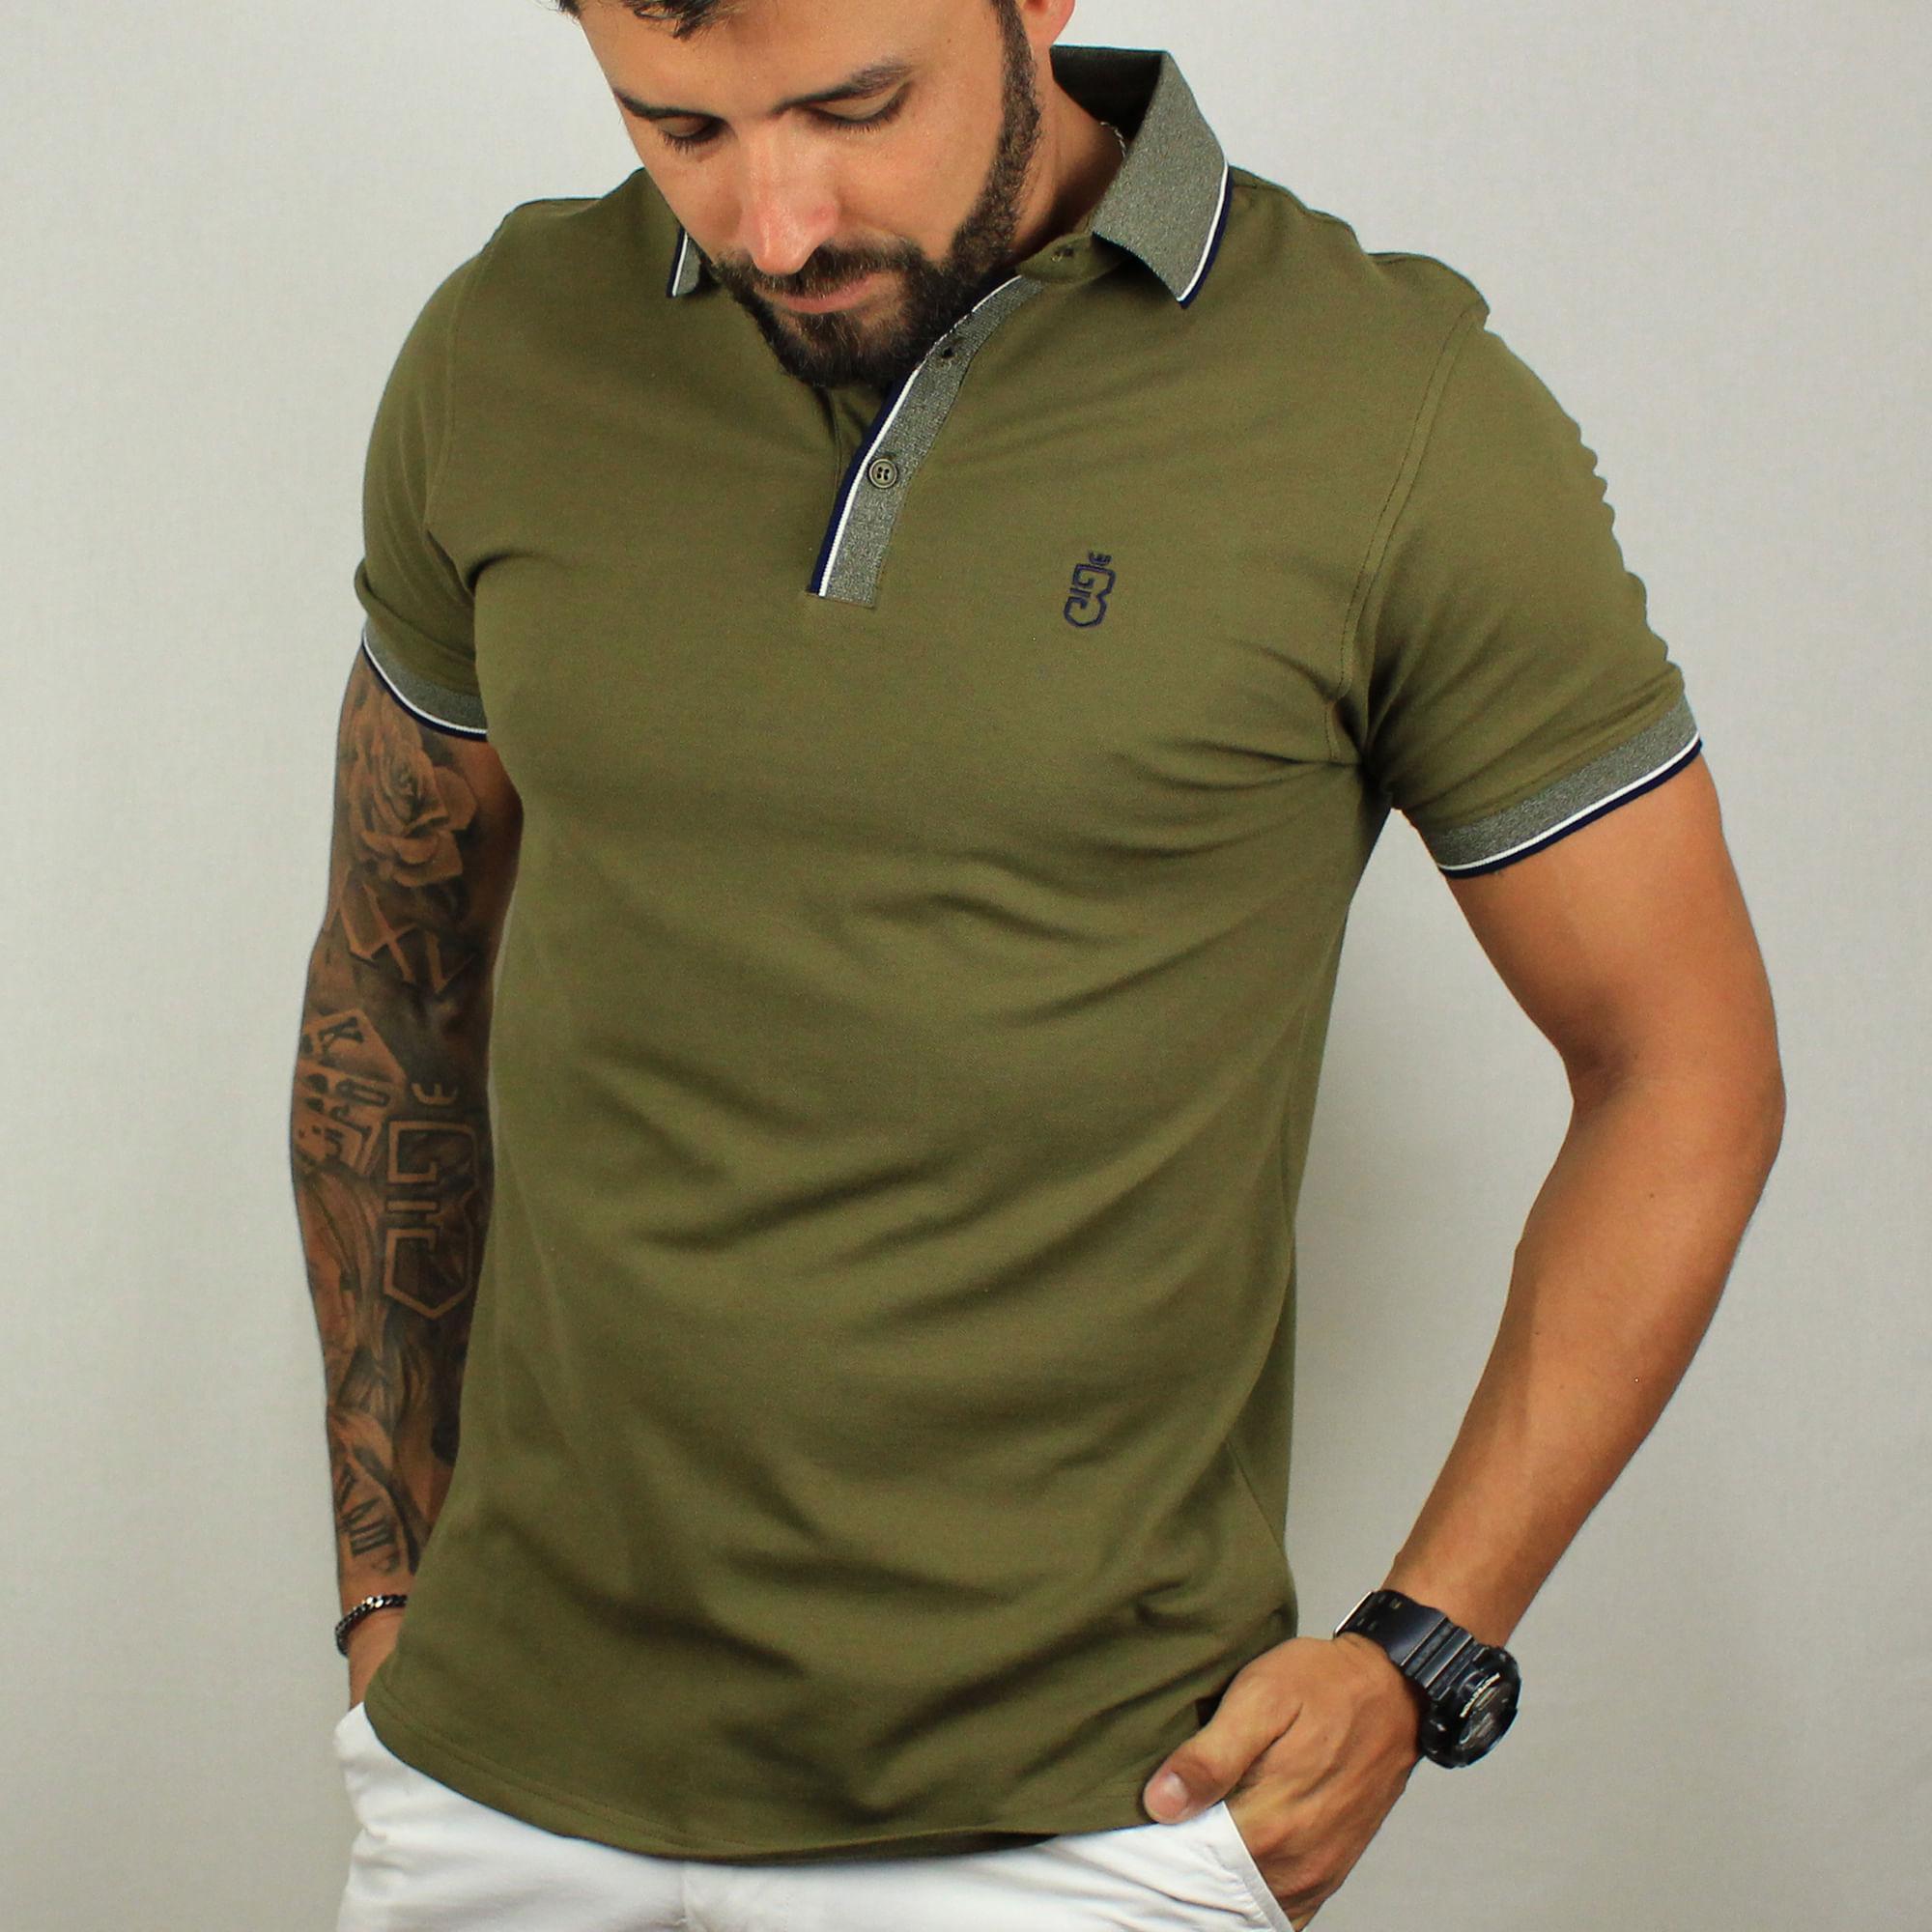 78e4d7b38 Camisa Polo Verde 694  Camisa Polo Verde 694. Lista de Desejos. usebora ·  Masculino · Pólos